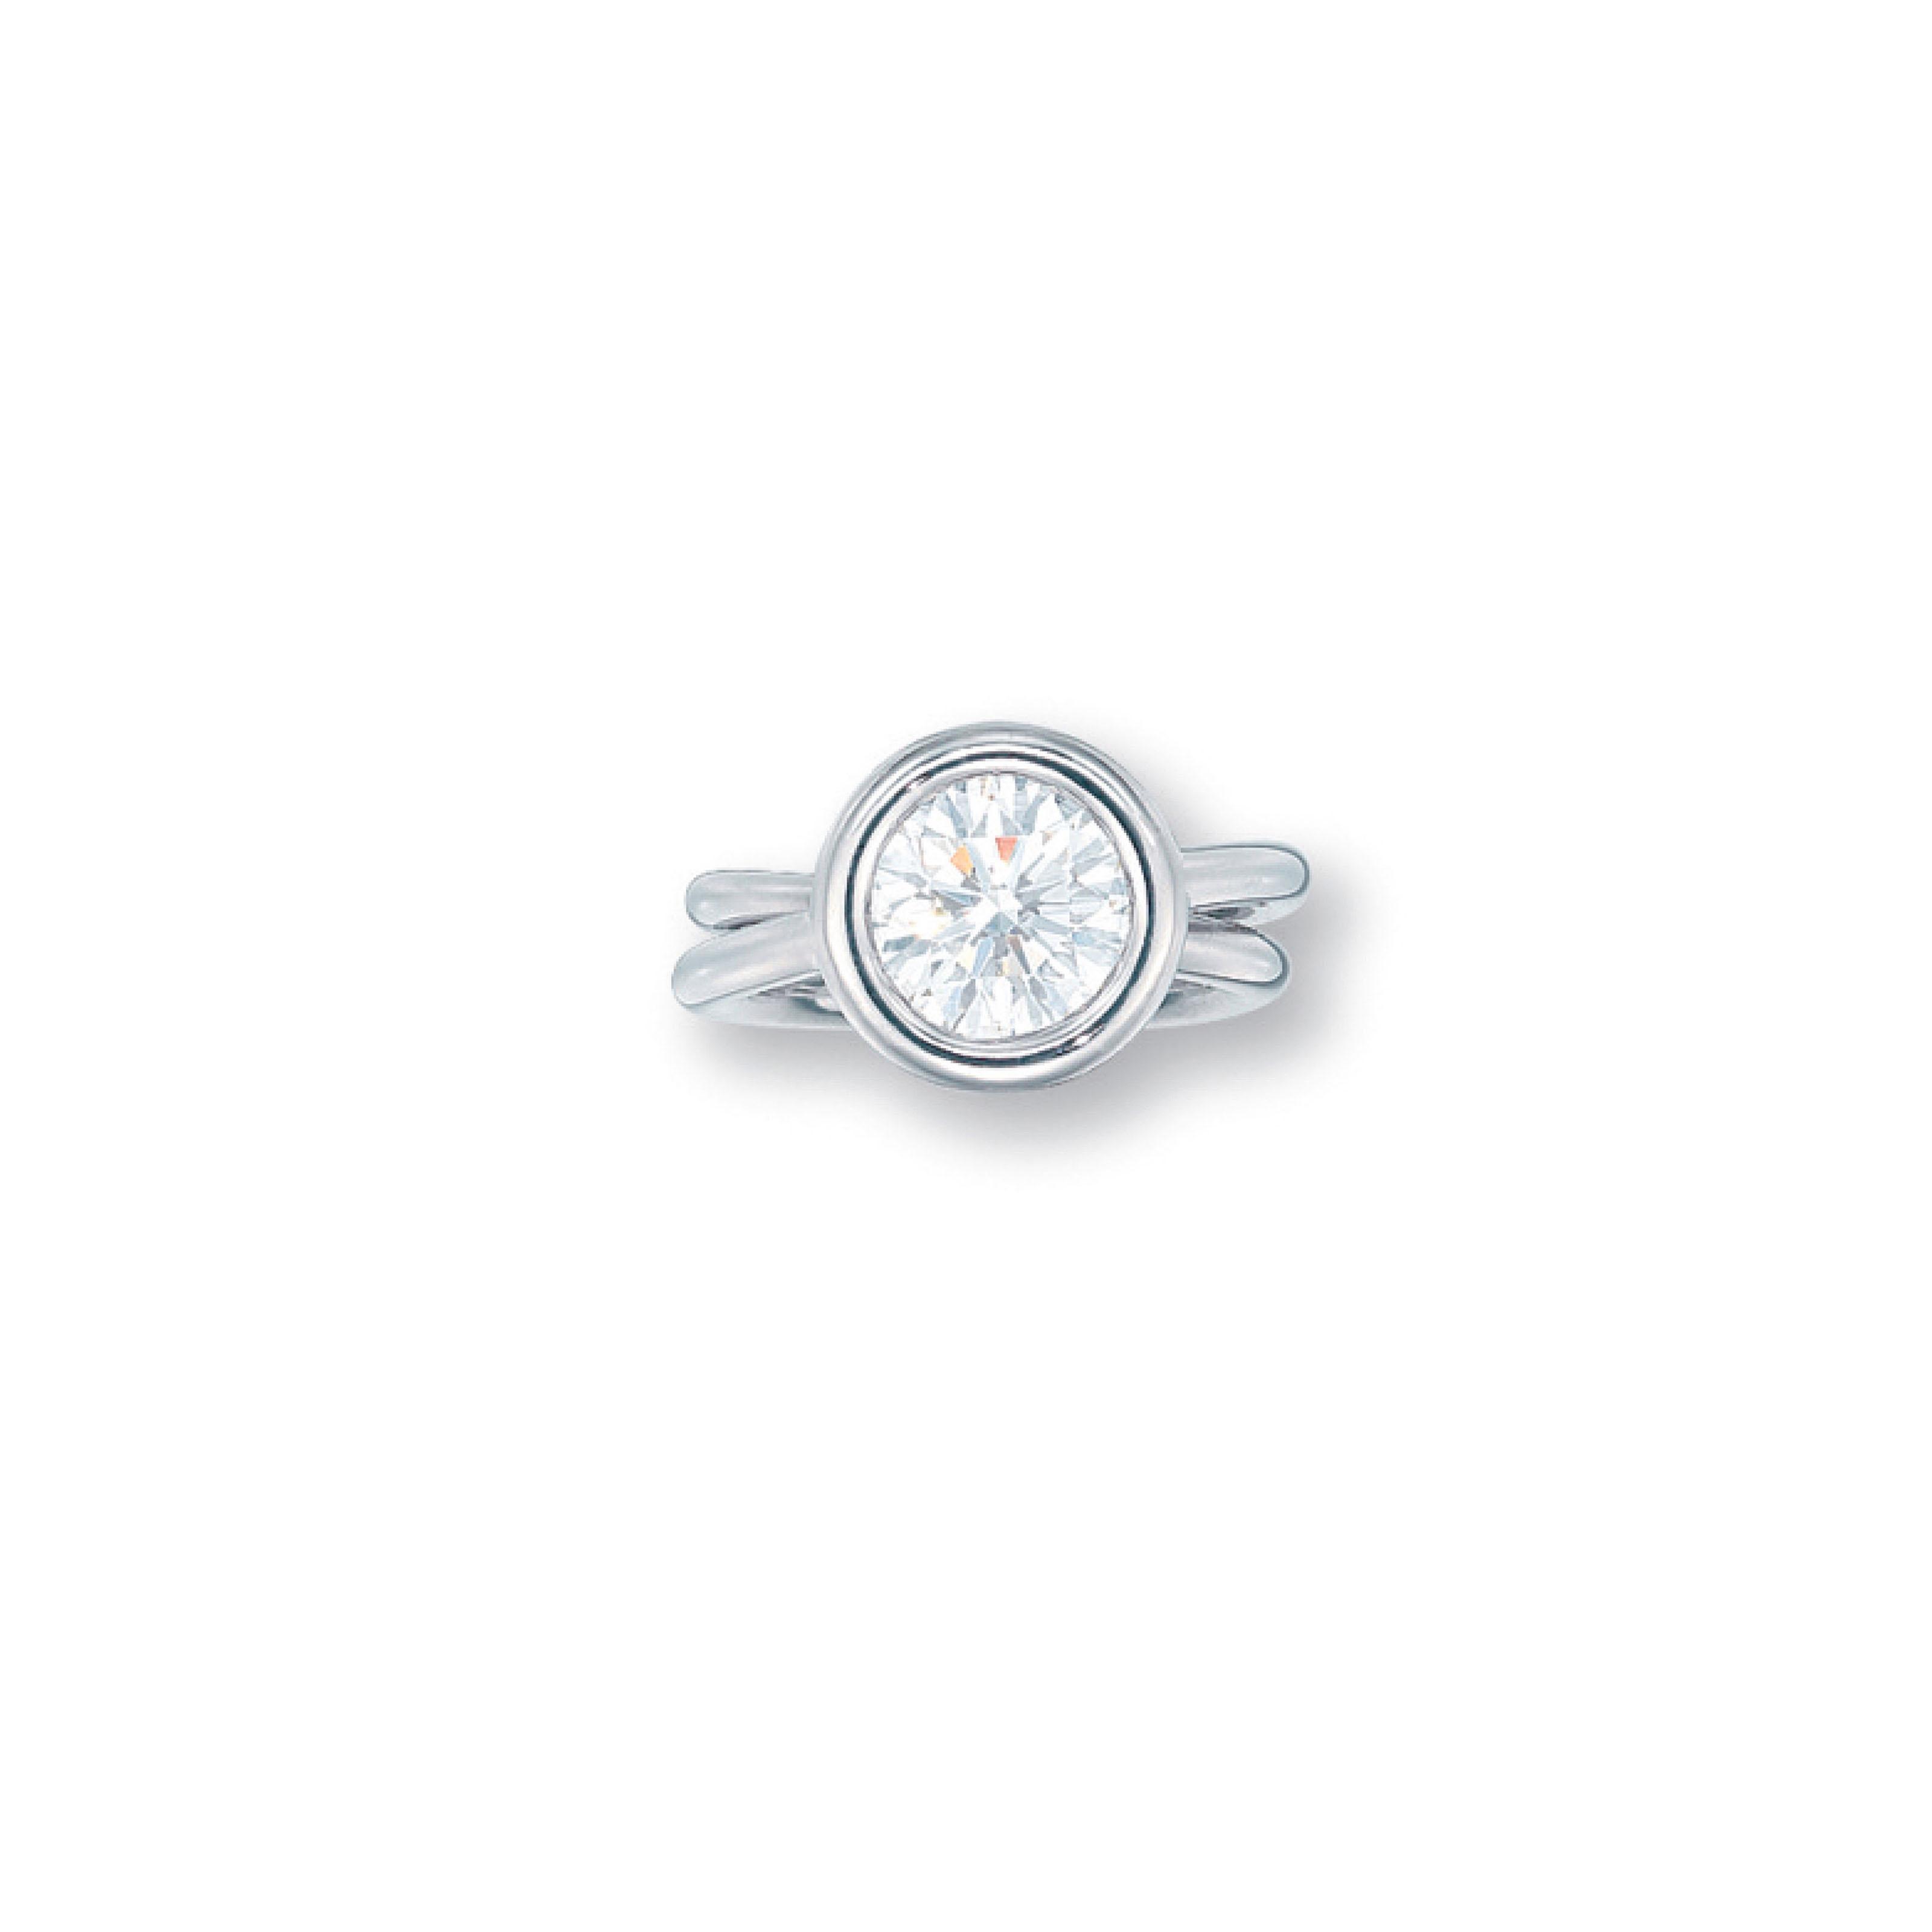 A DIAMOND RING, BY HERMÈS